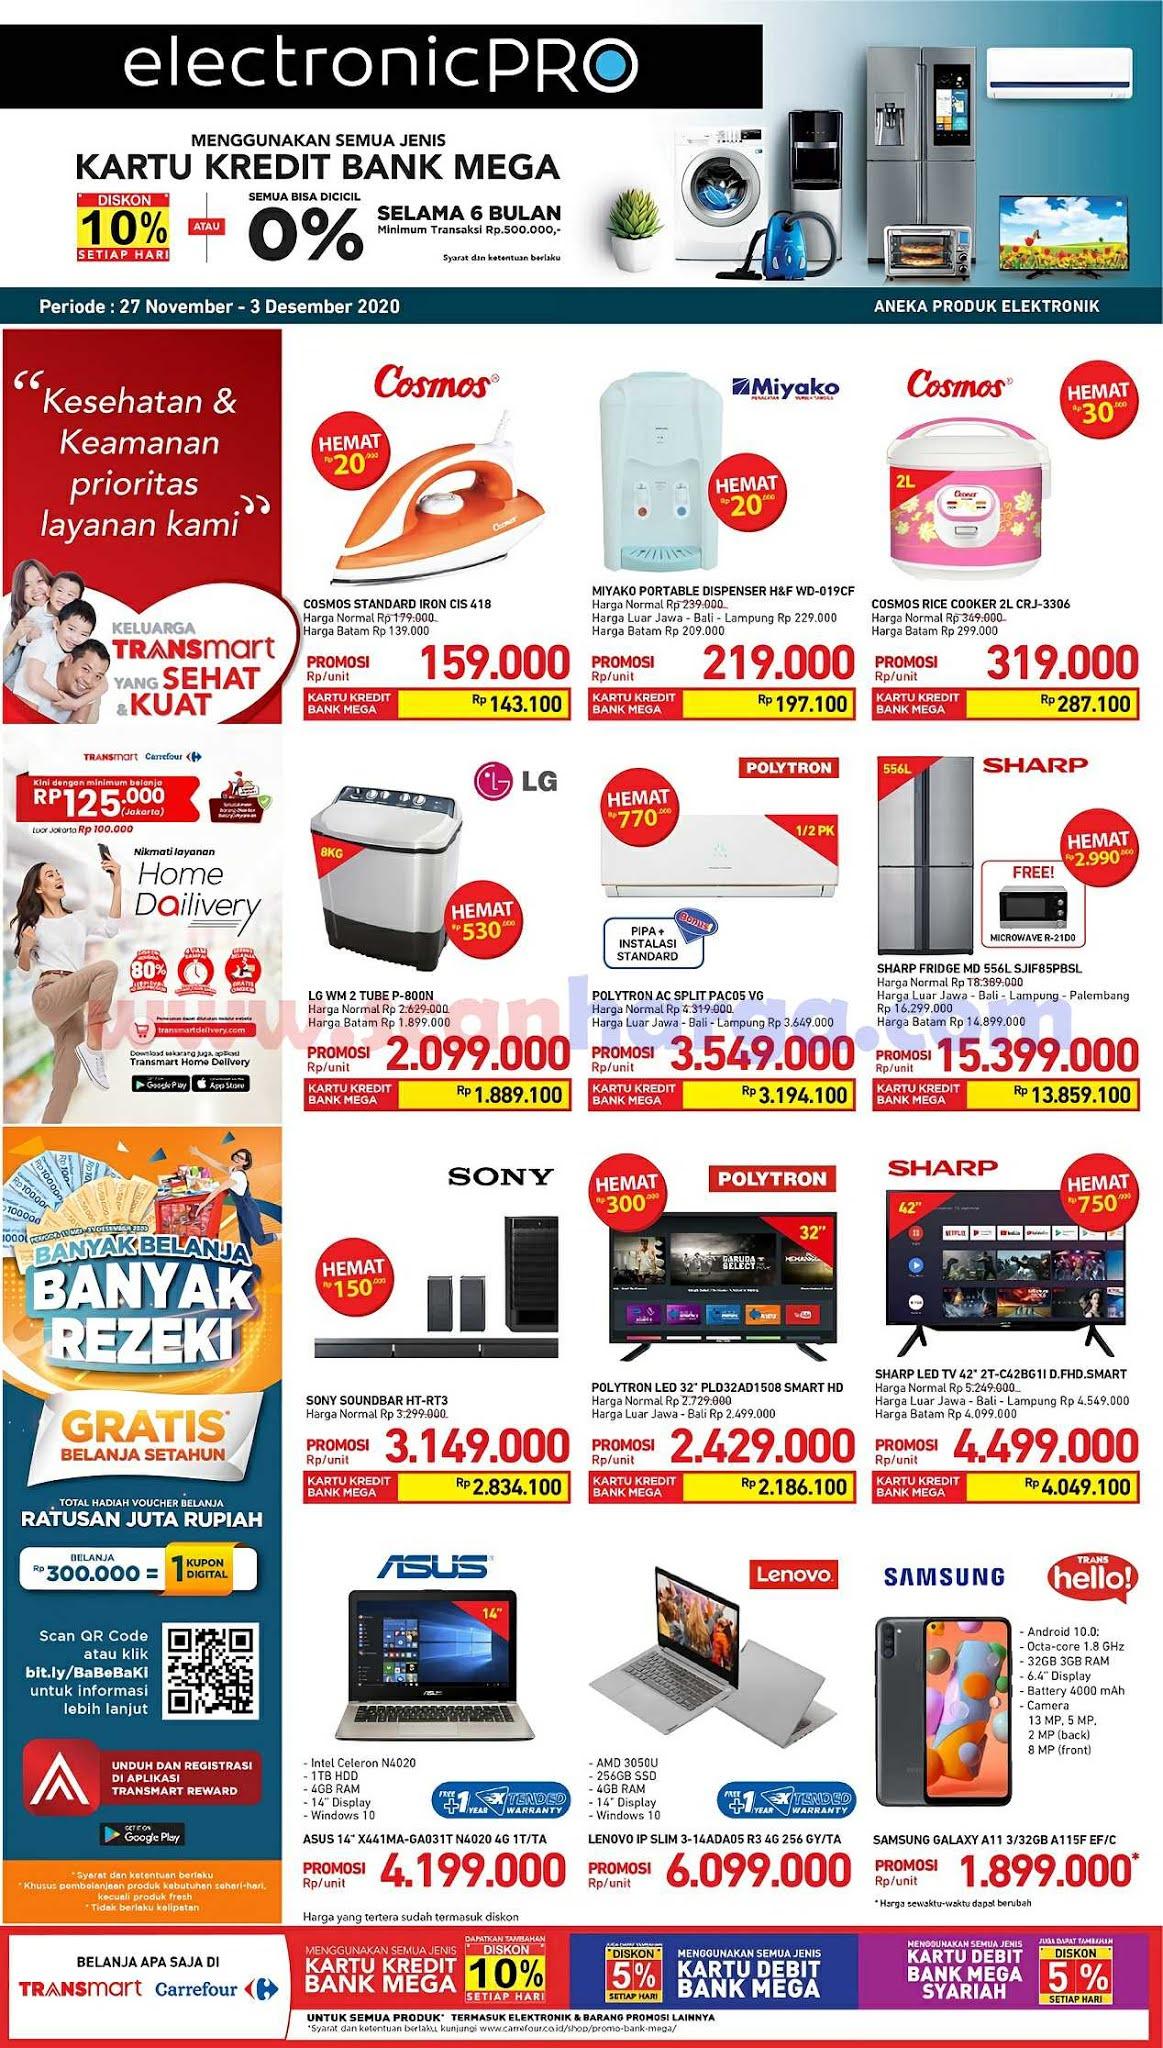 Promo JSM Carrefour Weekend 27 November - 1 Desember 2020 2